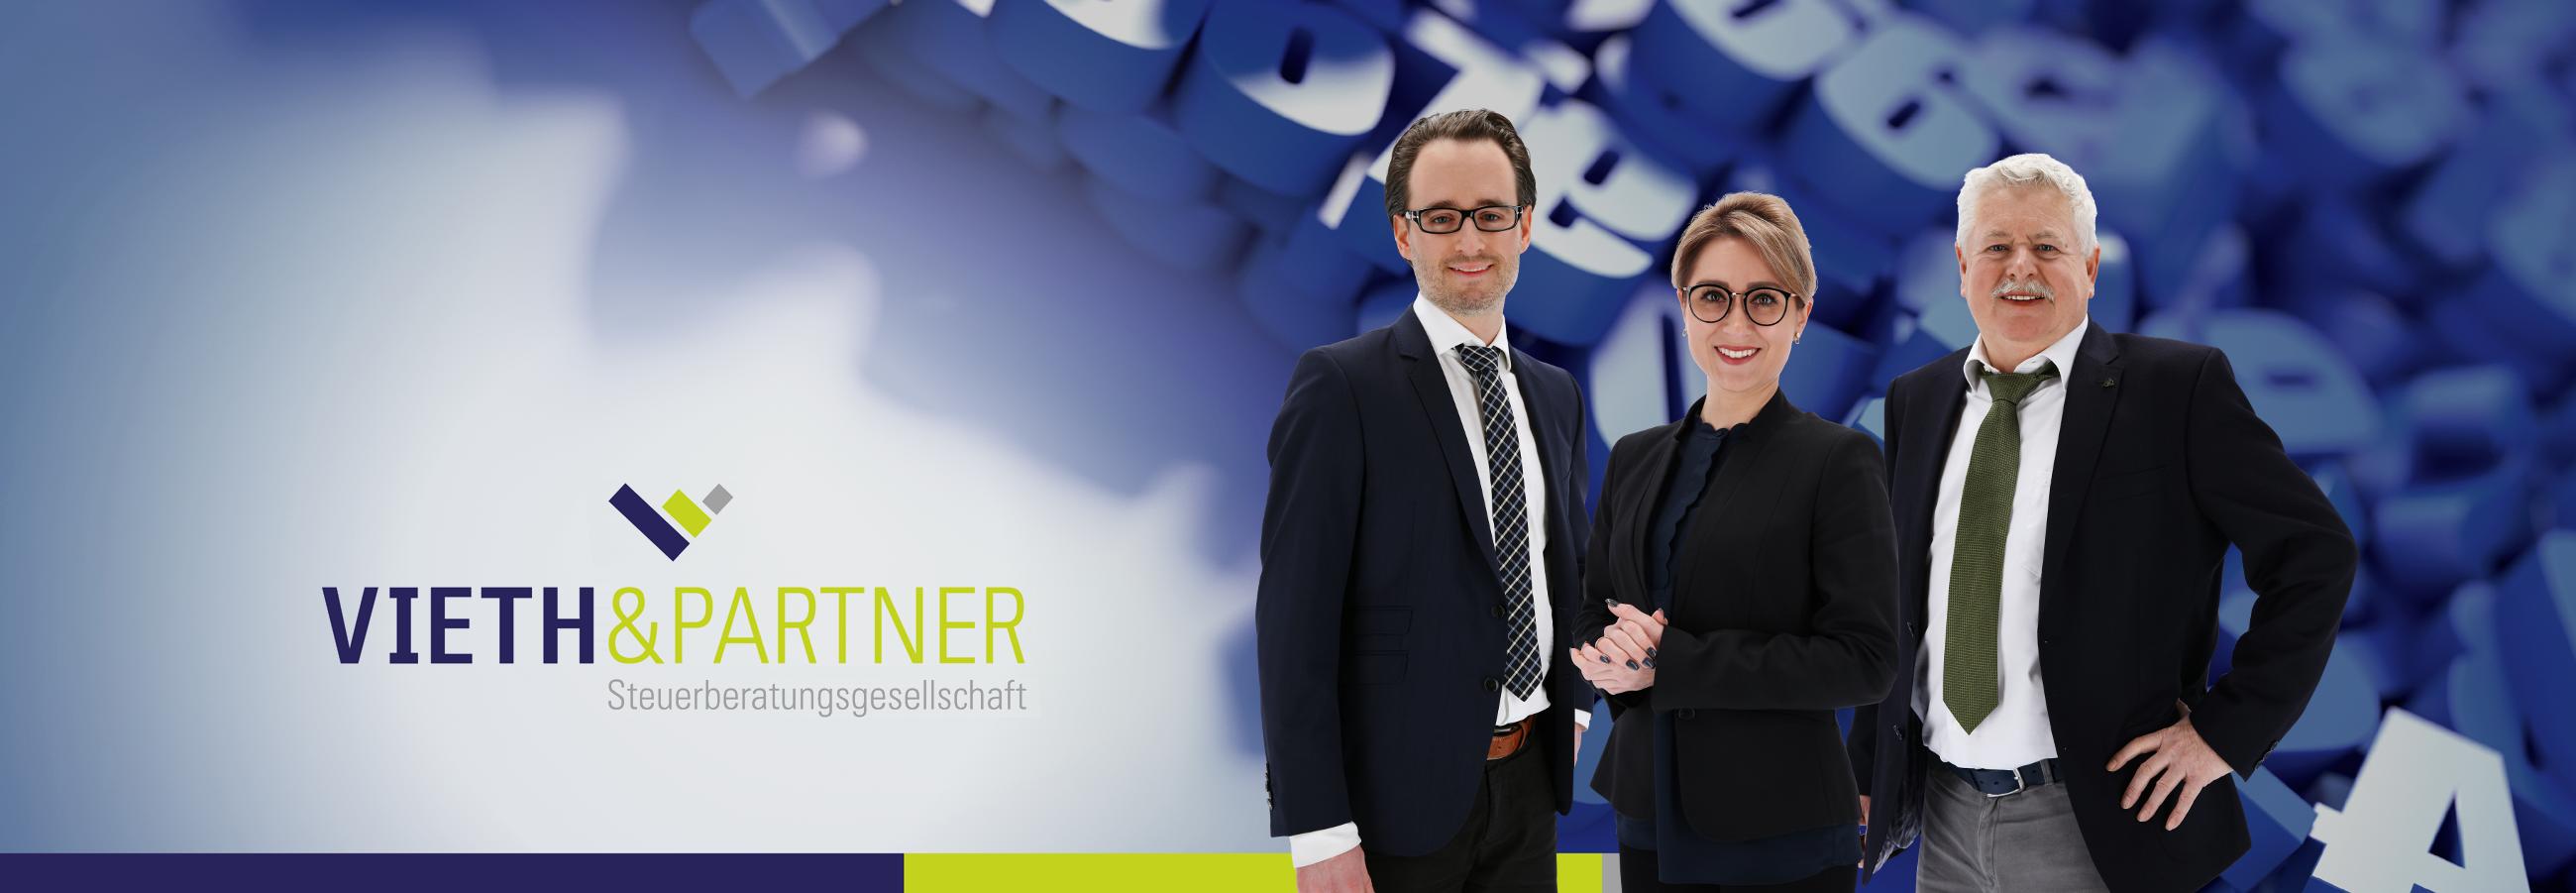 Vieth und Partner Steuerberatungsgesellschaft in Paderborn und Umgebung.